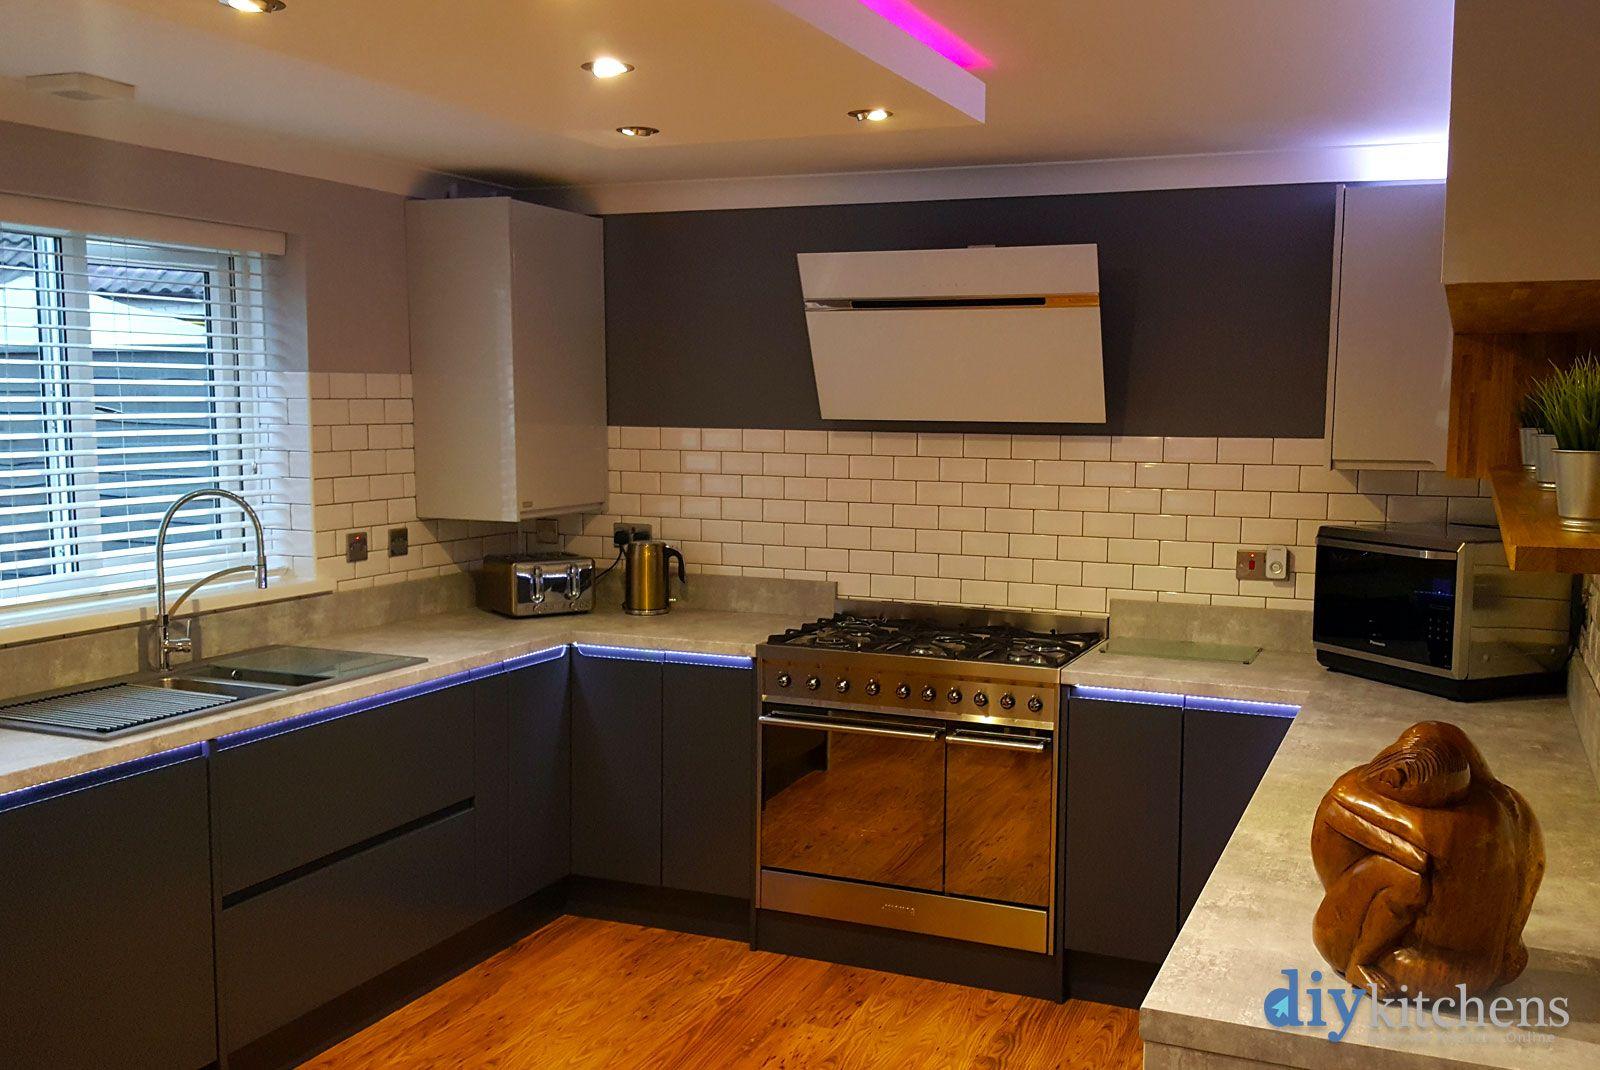 An Innova Luca Carbon Handleless Kitchen.  Handleless kitchen